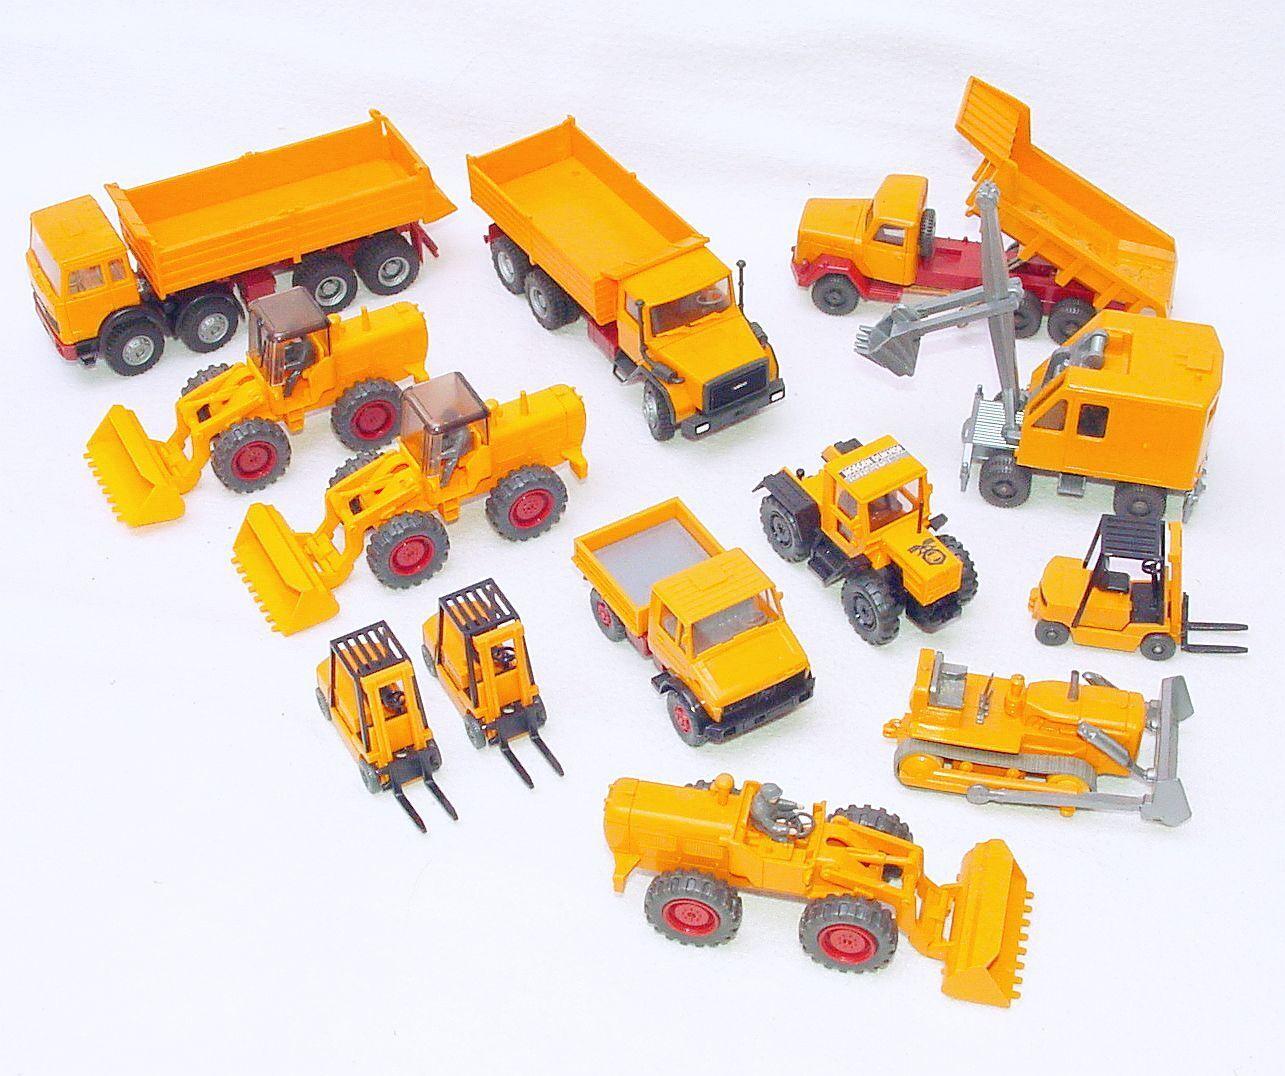 13x Wiking Ho 1 87 Pala Excavadora + + + Hombre Camión MB Tractor Camión + Lote Cocheretilla Elevadora